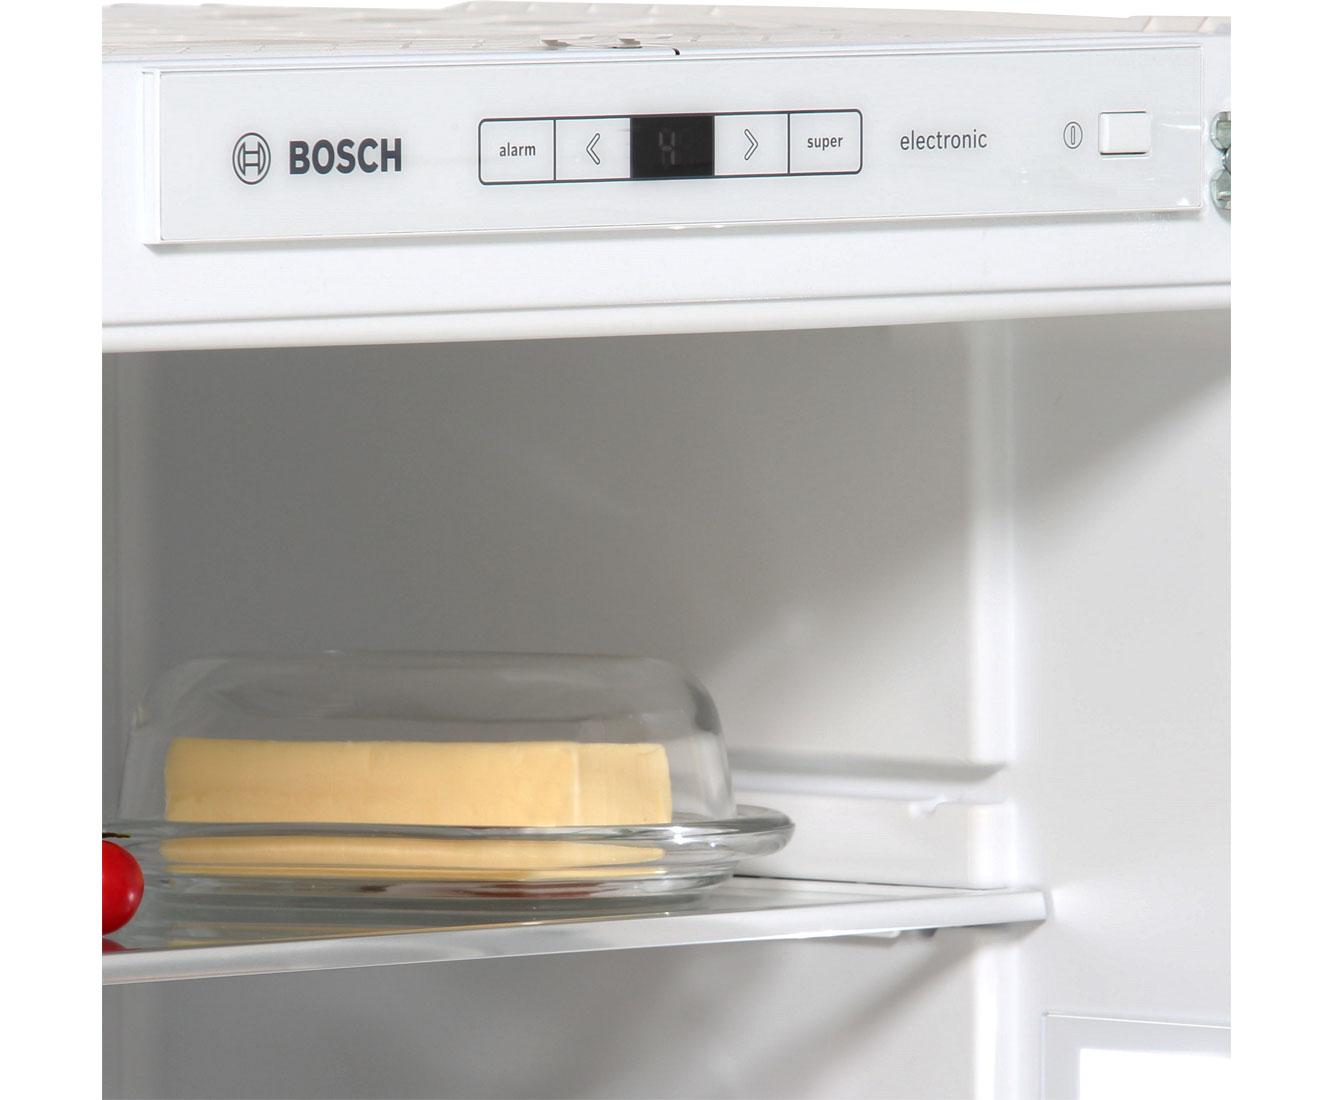 Bosch Kühlschrank Temperatureinstellung : Bosch serie kir af einbau kühlschrank er nische festtür